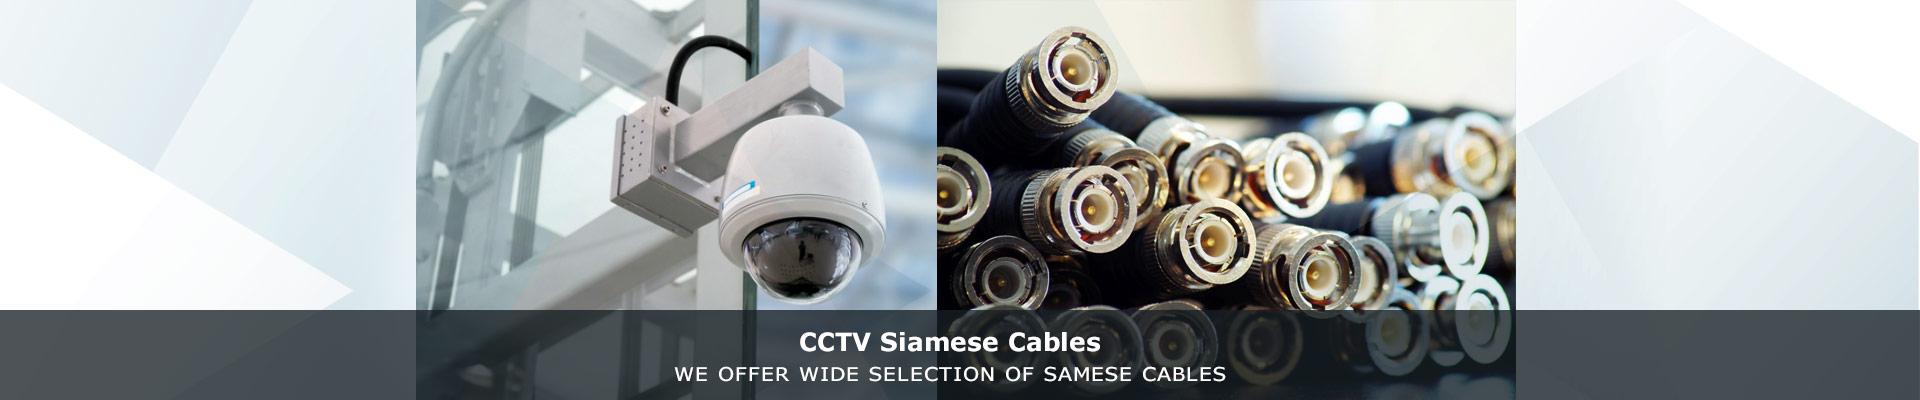 CCTV Siamese Cables